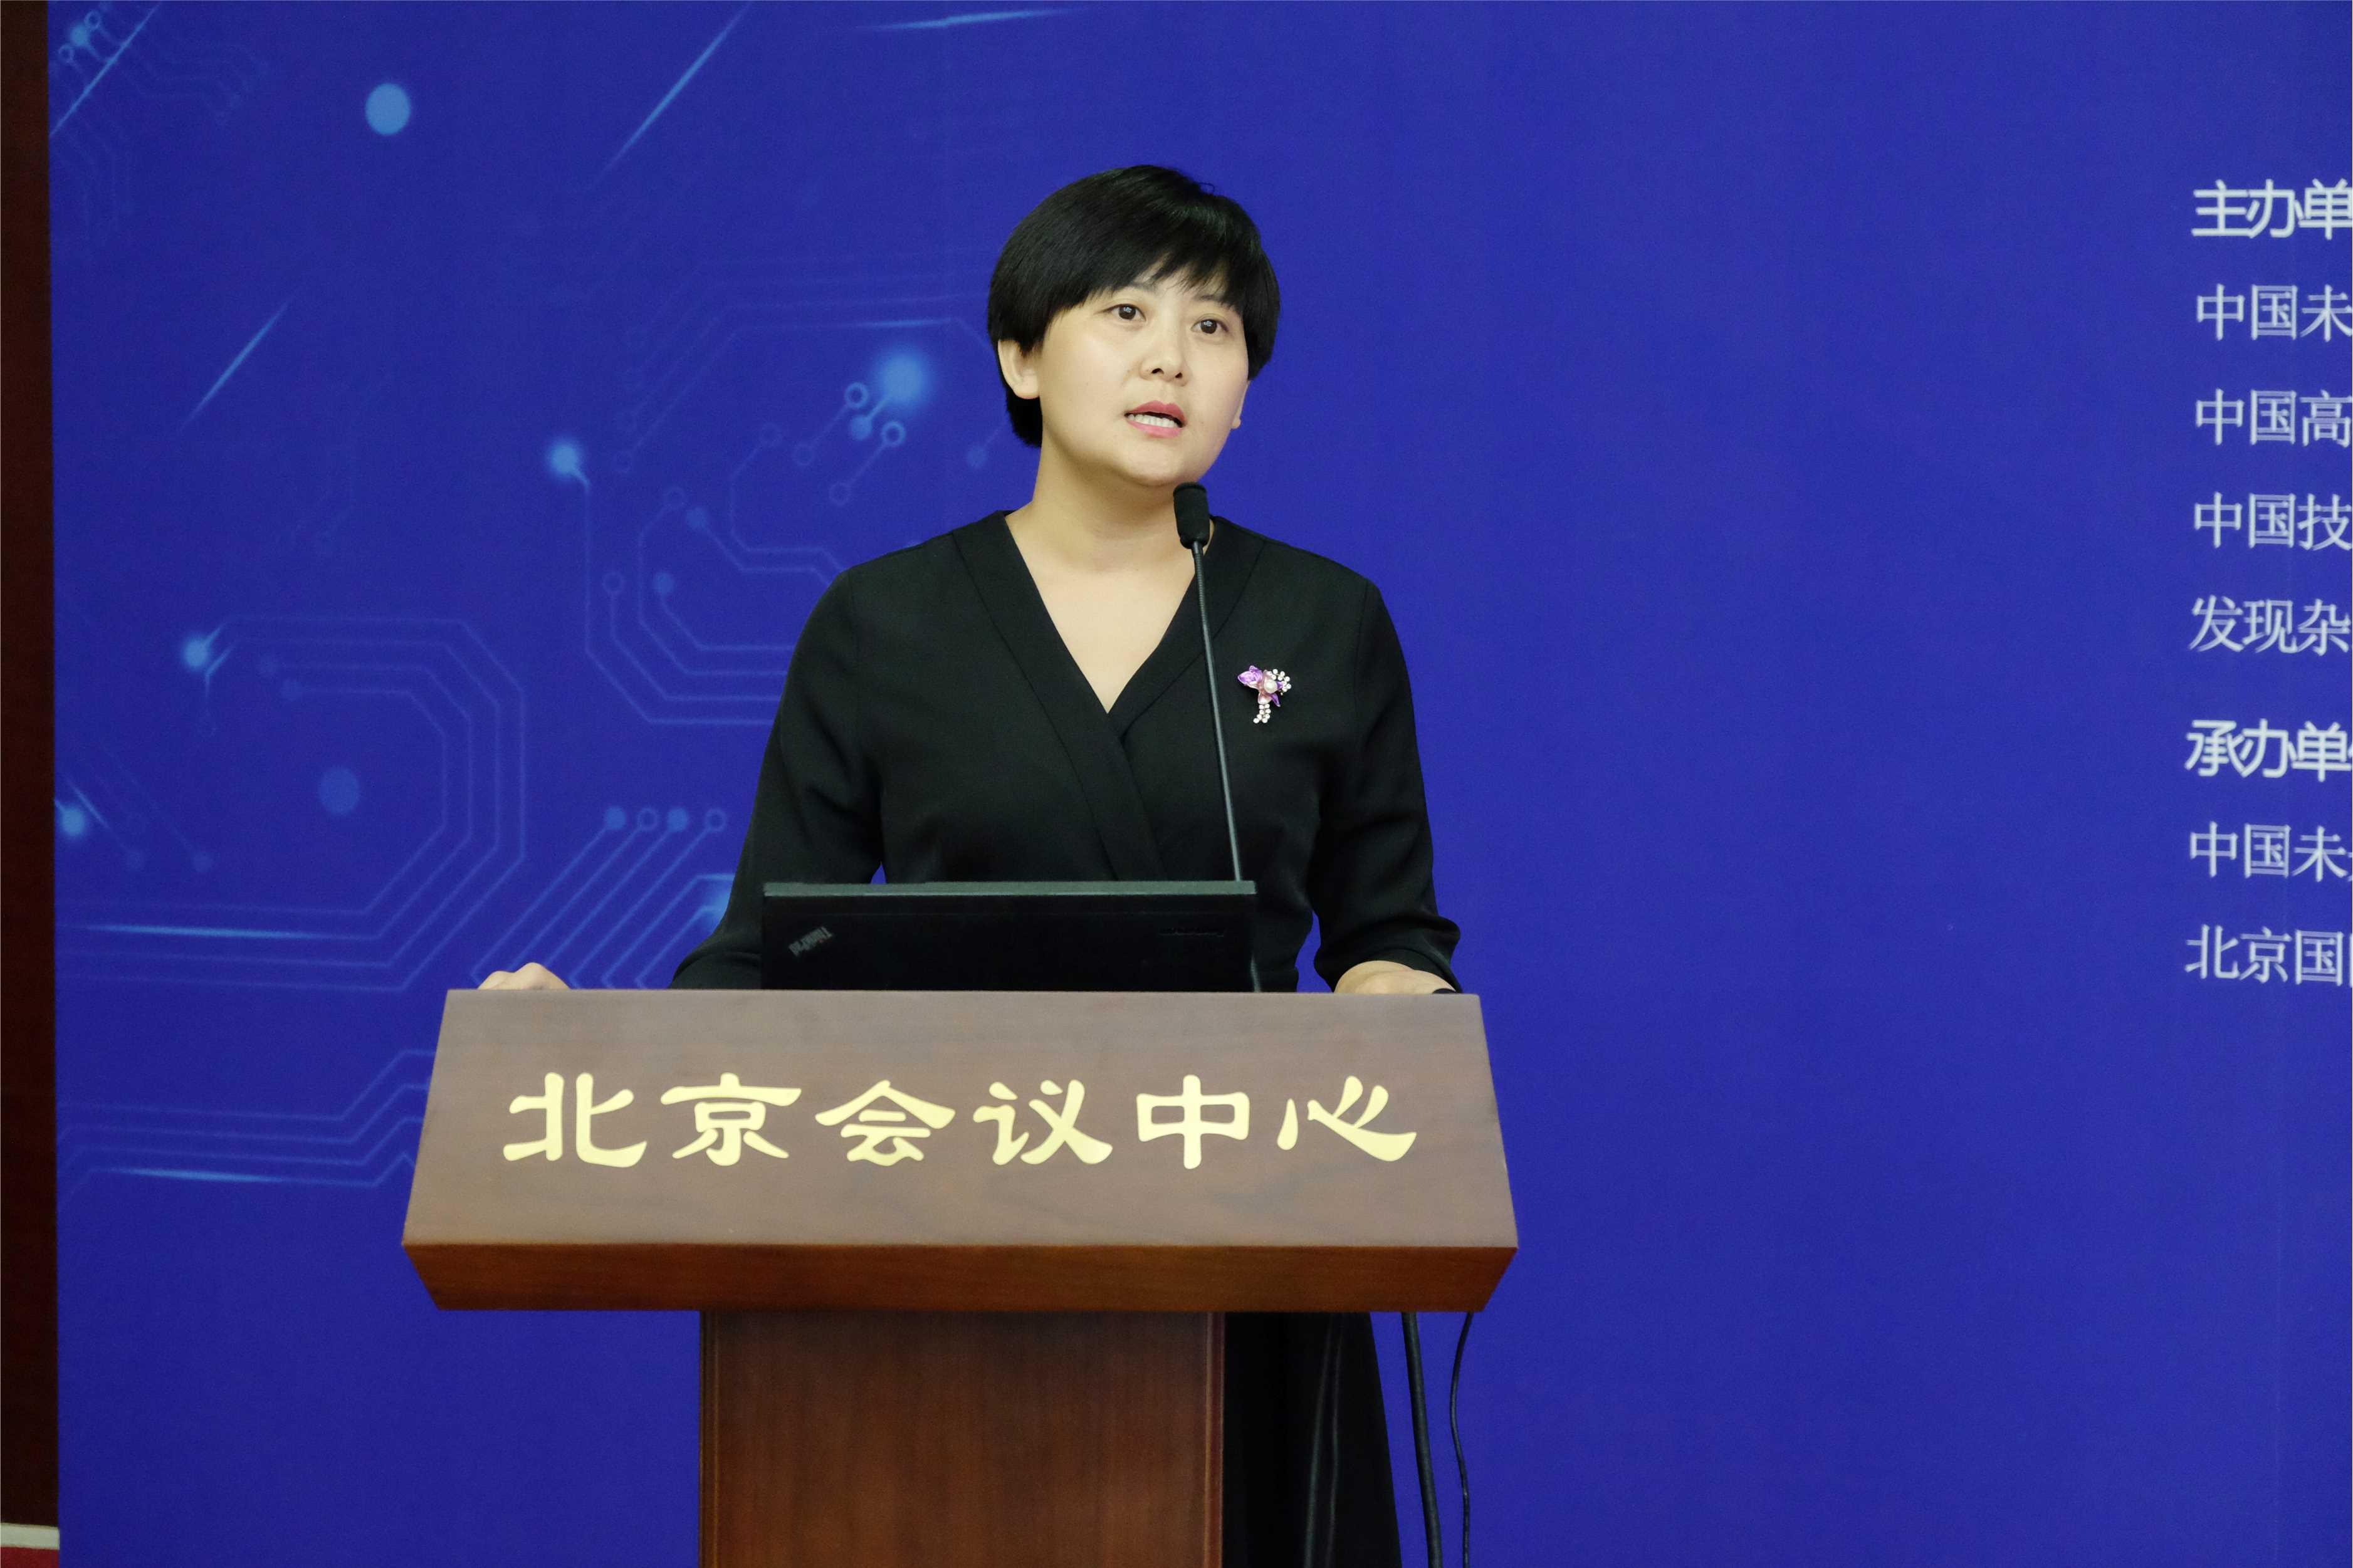 柏玉兰董事长受邀参加第十四届中国科学家论坛